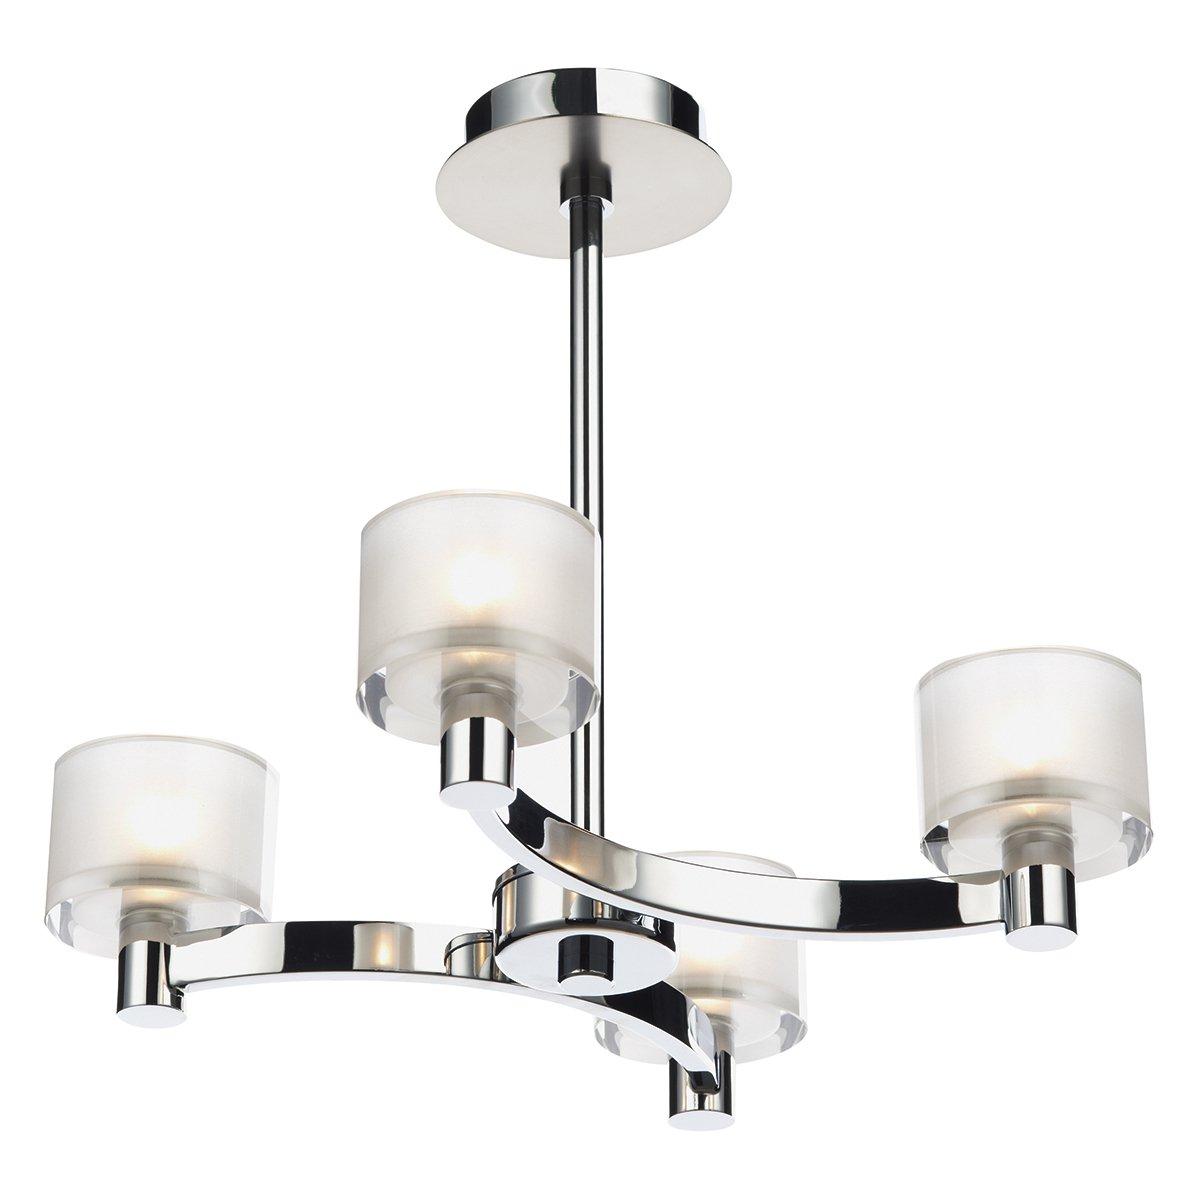 Dar Eton 4 Light Semi Flush Ceiling Light In Polished